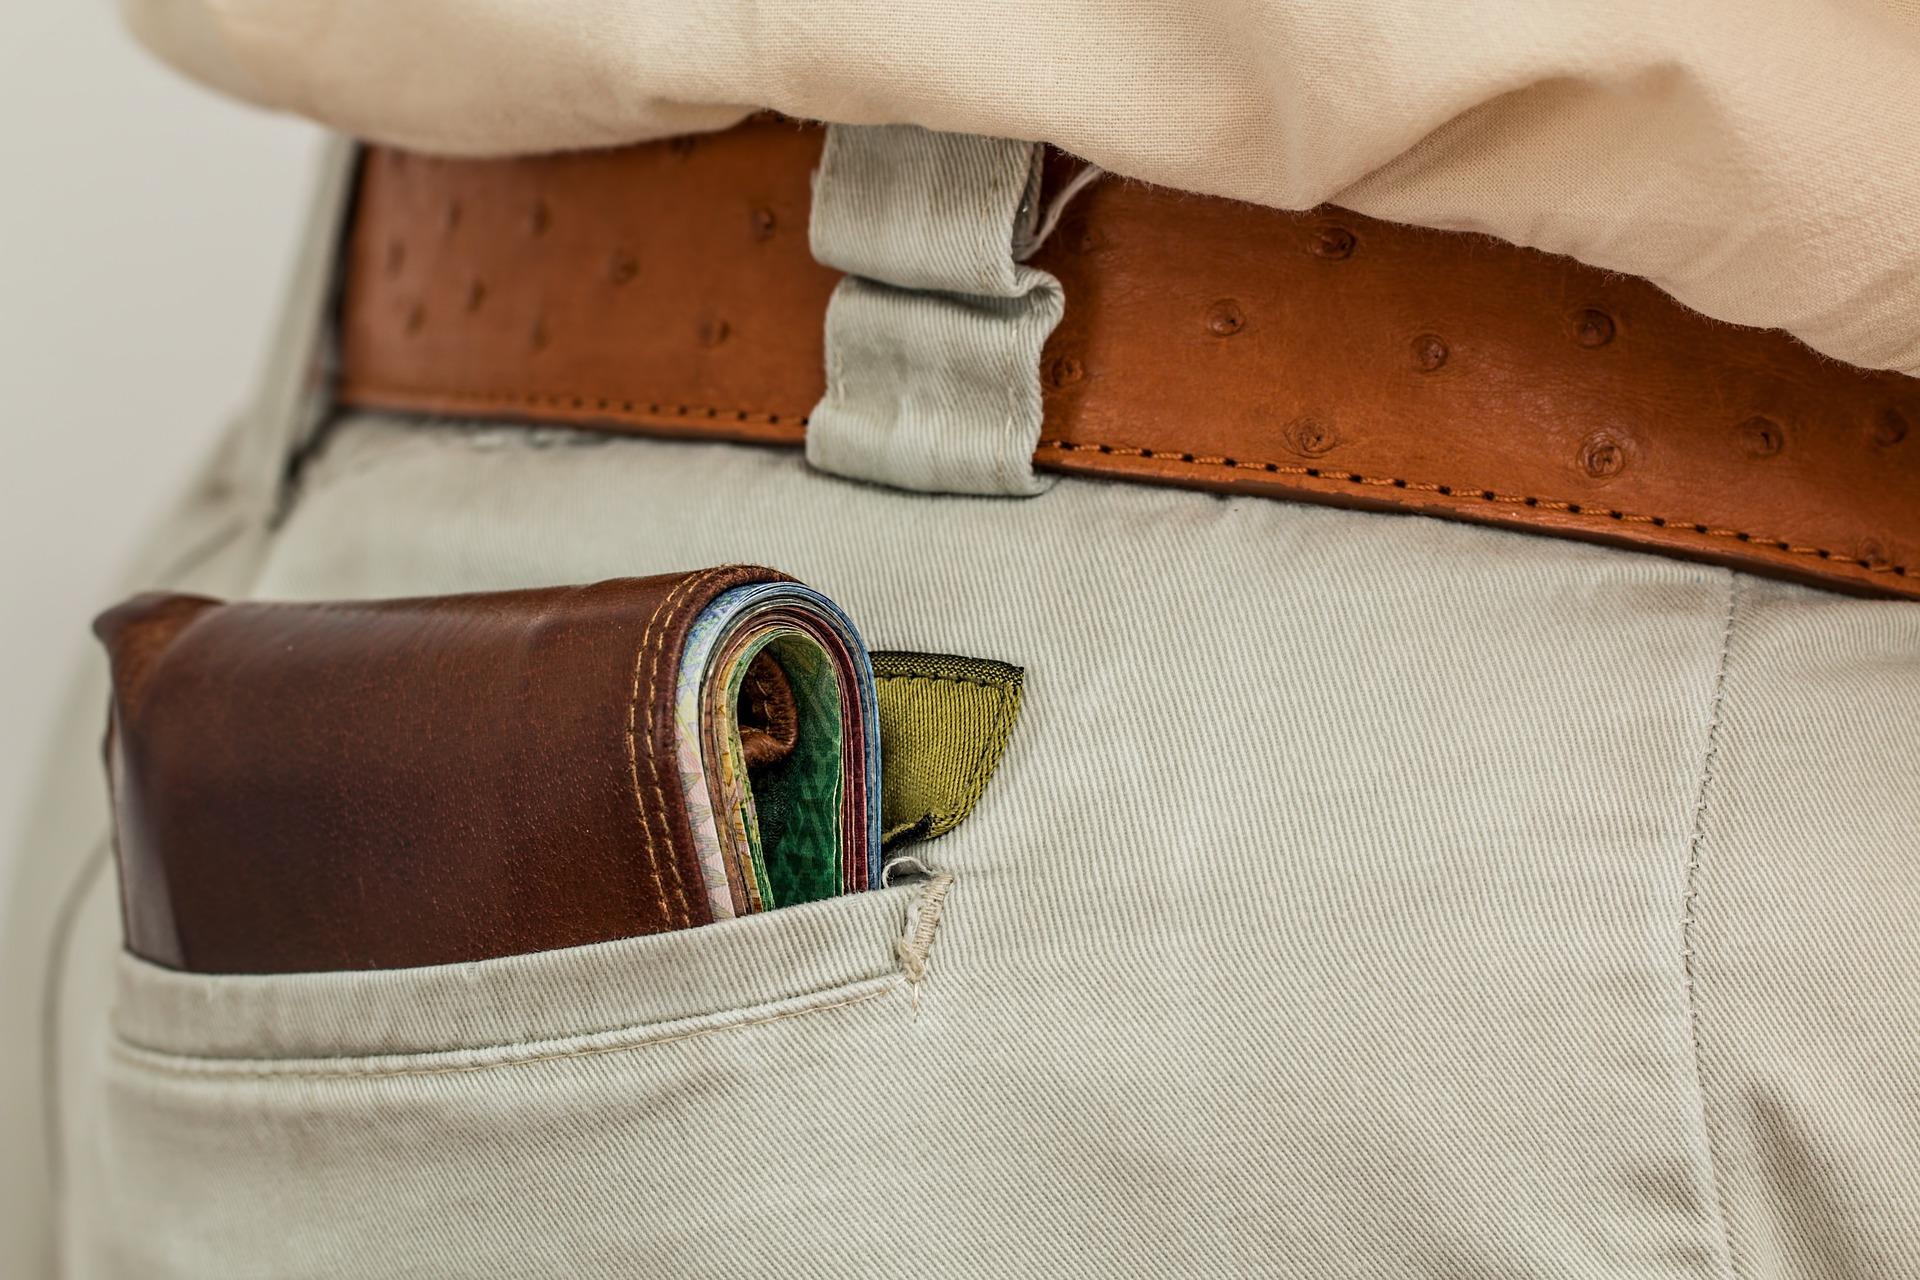 Das Bild zeigt eine gut gefüllte Geldbörse in einer Gesäßtasche.